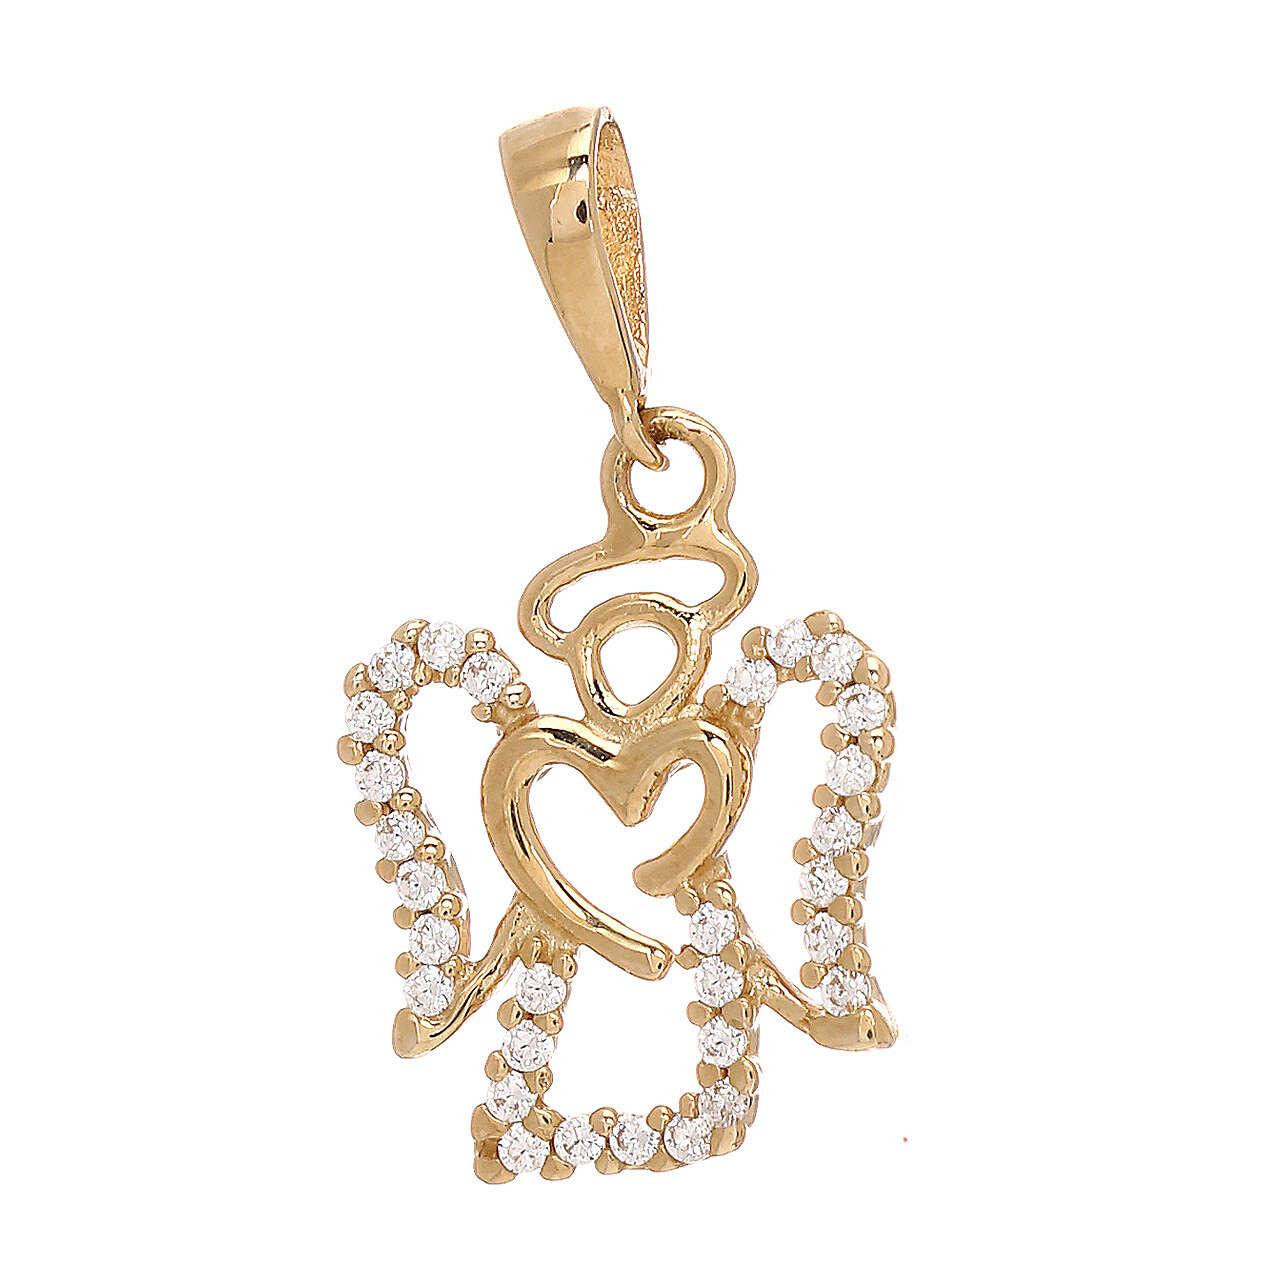 Pendente angelo cuore oro giallo 750/00 Swarovski 1,2 gr 4